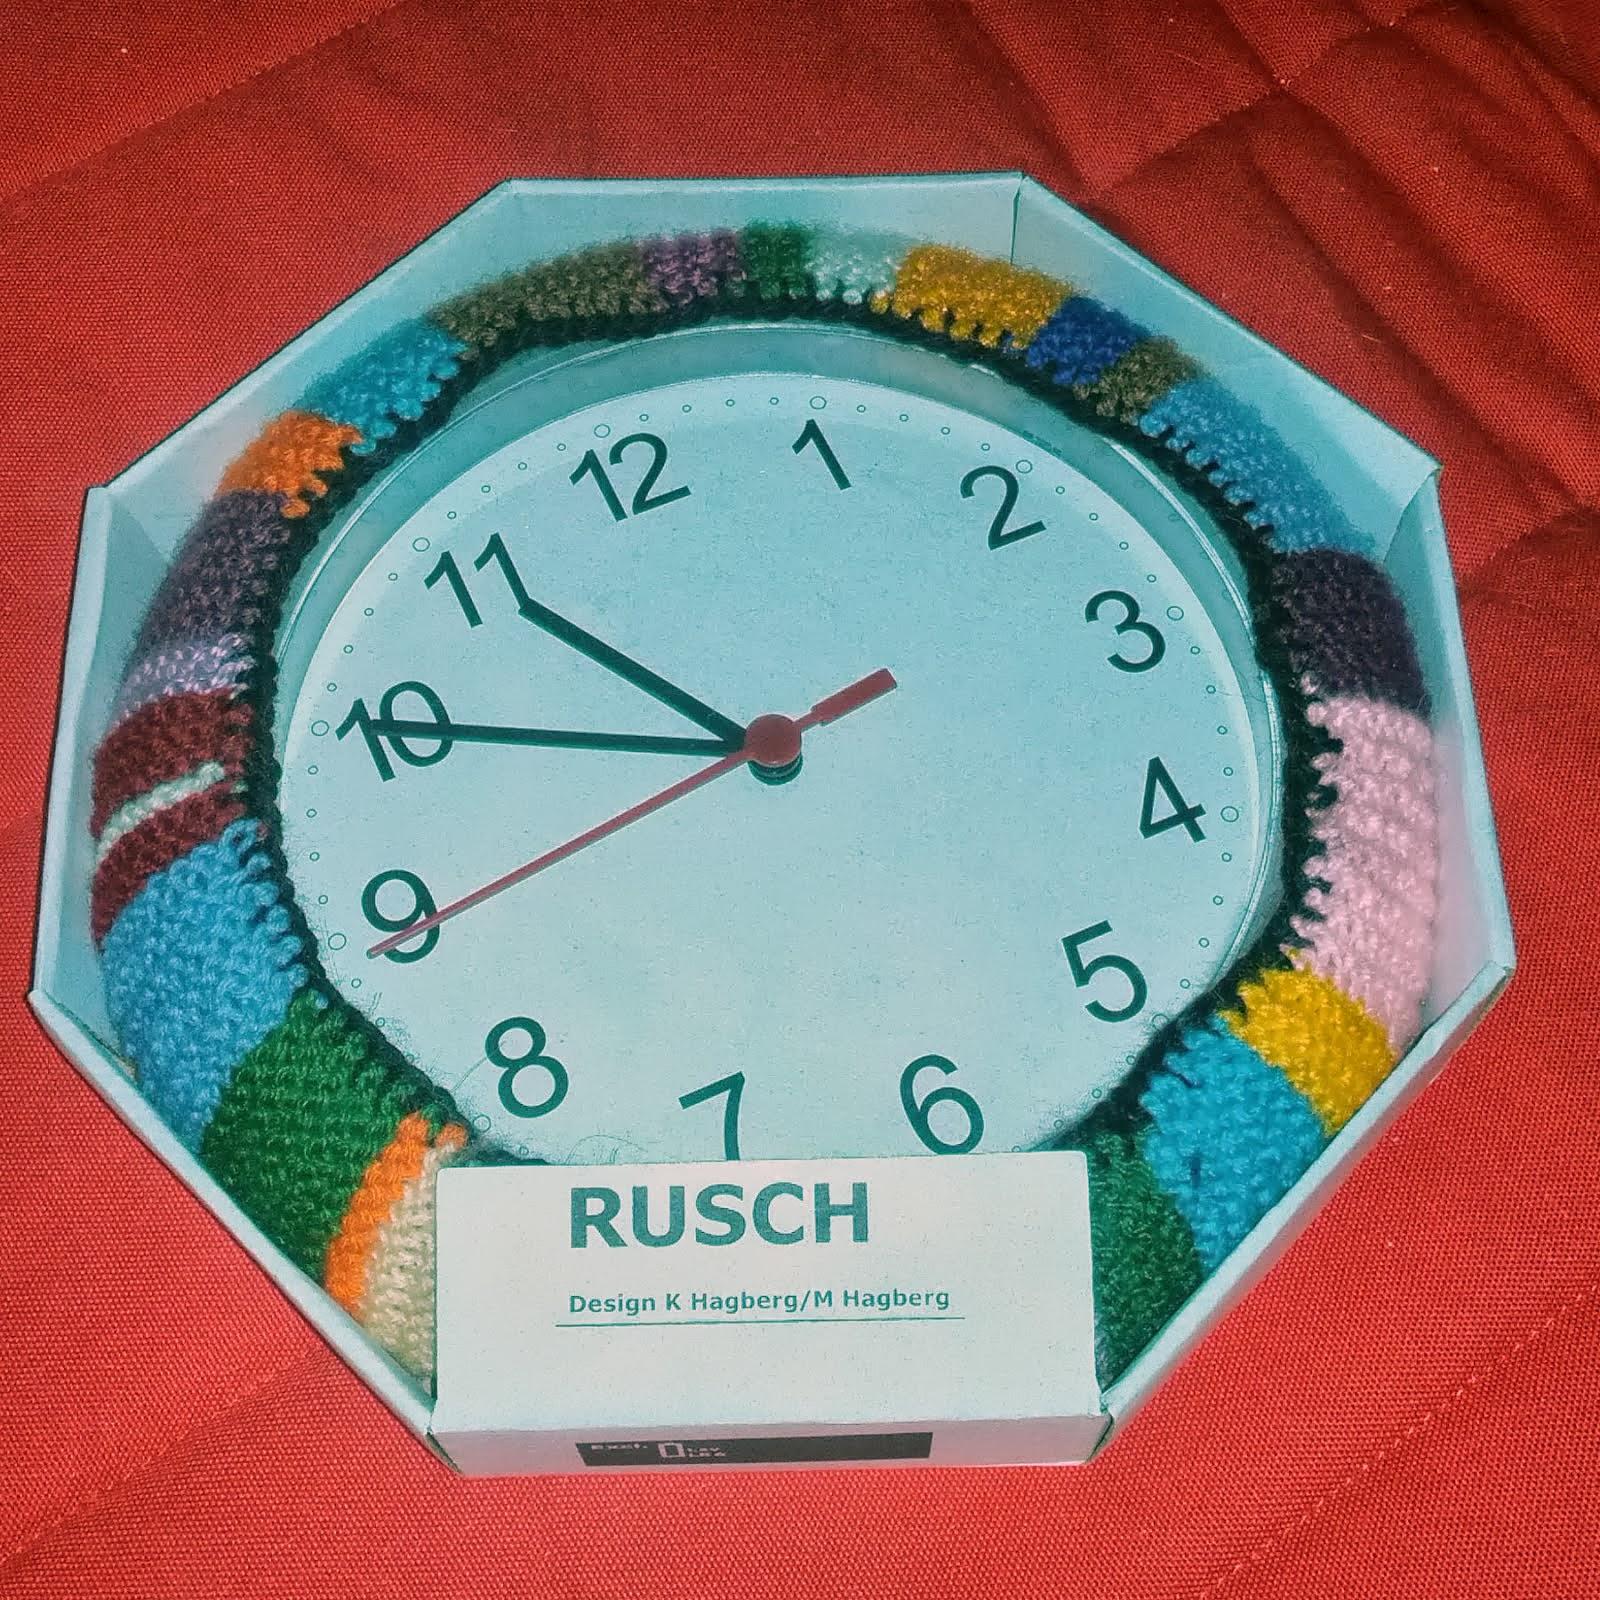 Ekby Alex Desk Knitted Rusch Clock Ikea Hackers Ikea Hackers